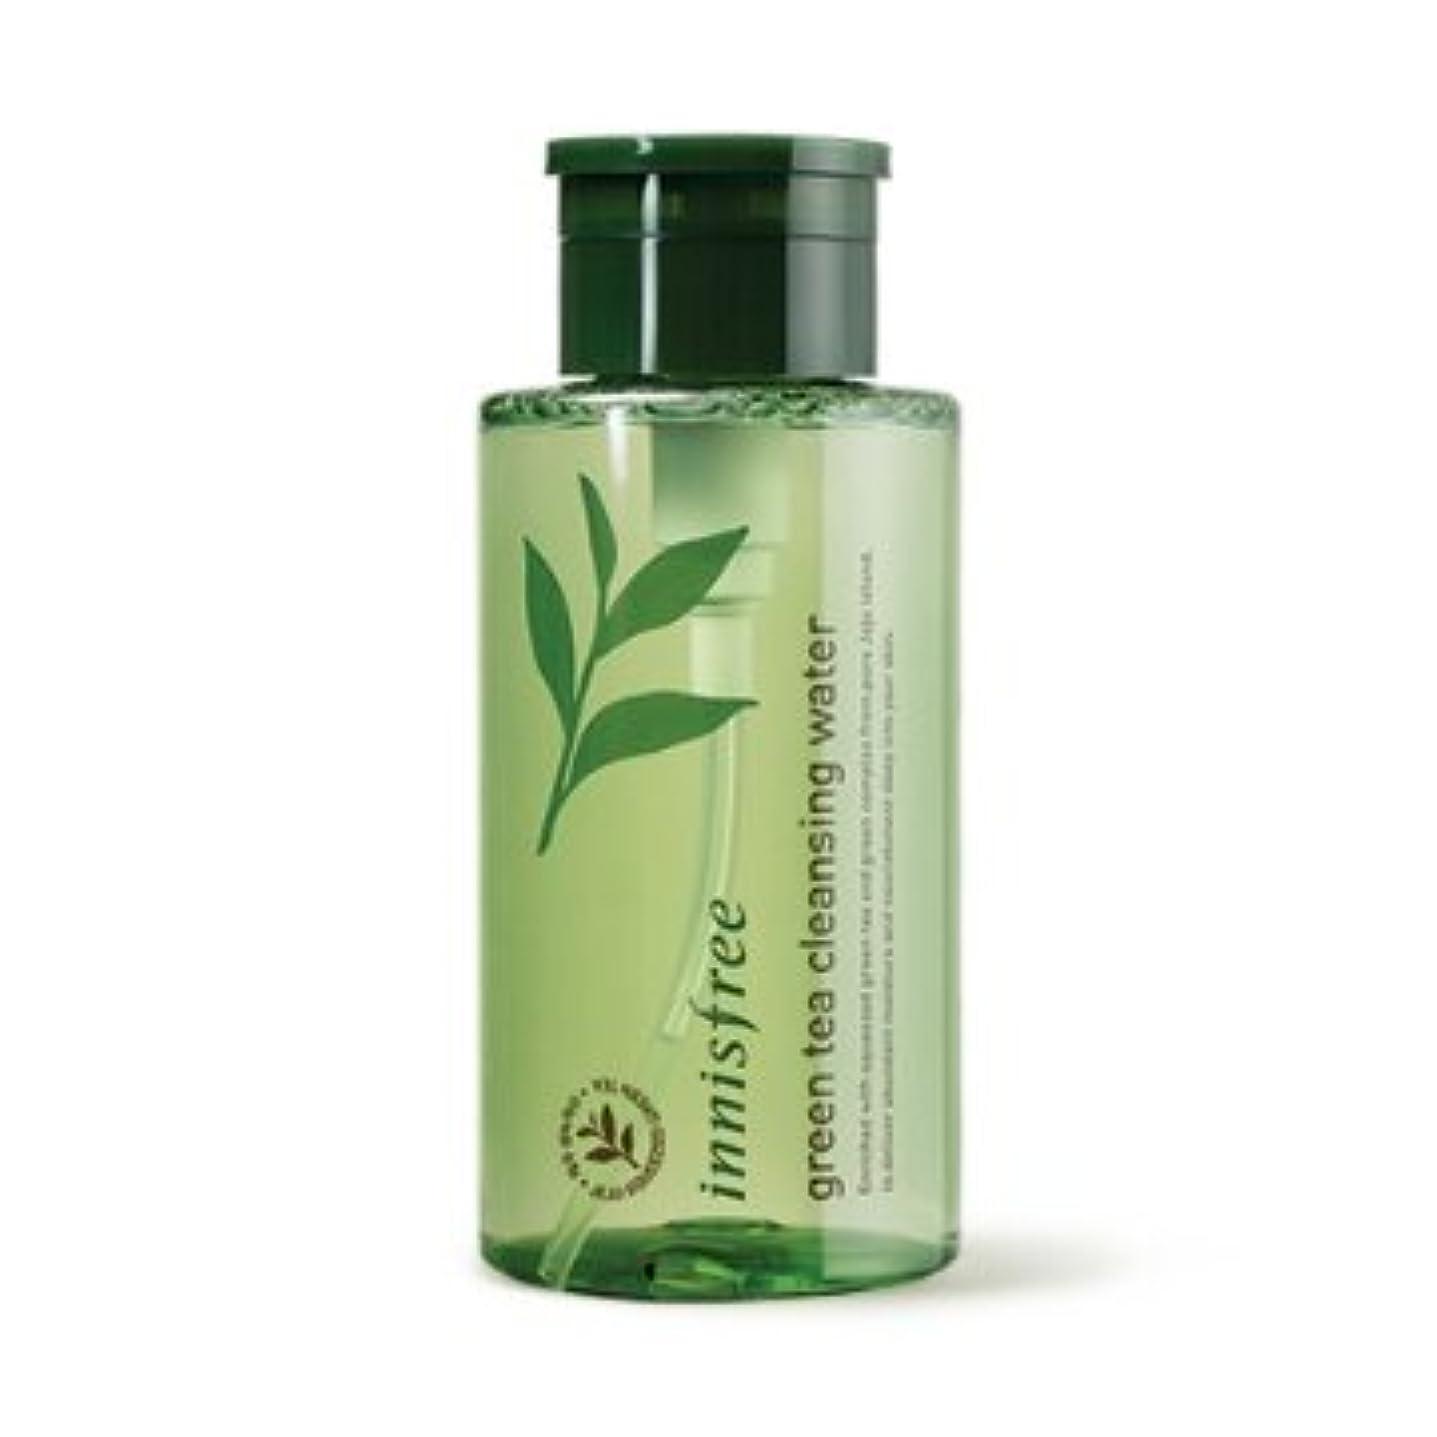 【イニスフリー】Innisfree green tea cleansing water - 300ml(300ml (韓国直送品) (SHOPPINGINSTAGRAM)